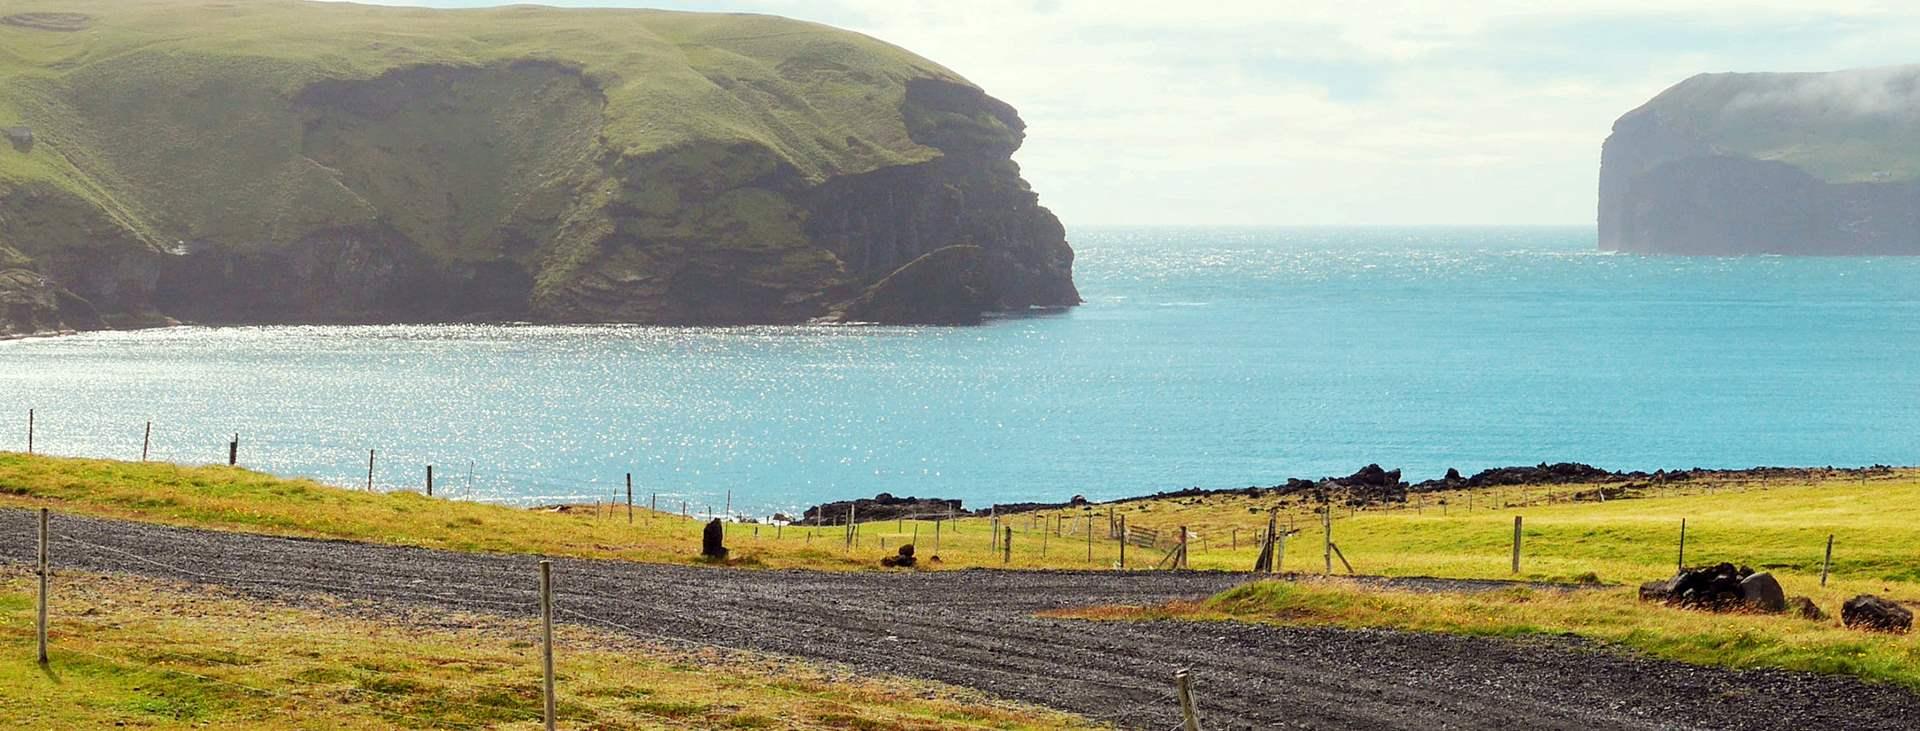 Bestill en reise med fly og hotell til Island